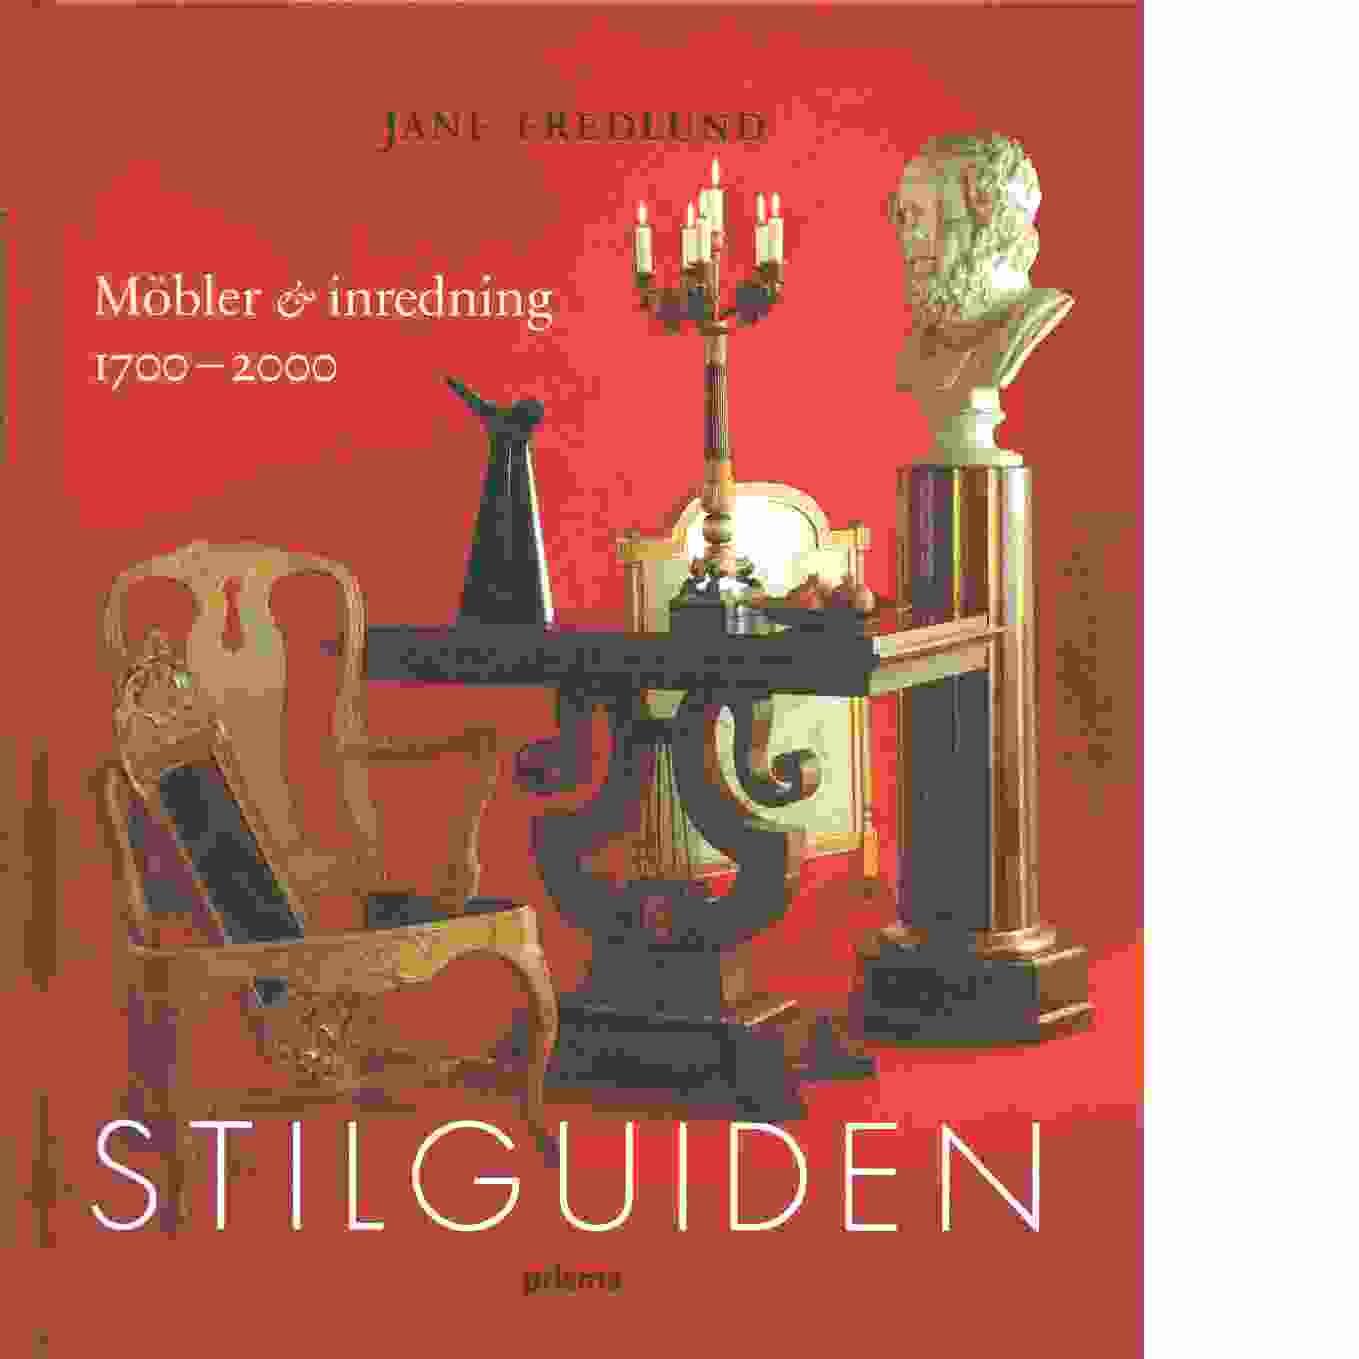 Stilguiden : möbler & inredning 1700-2000 - Fredlund, Jane